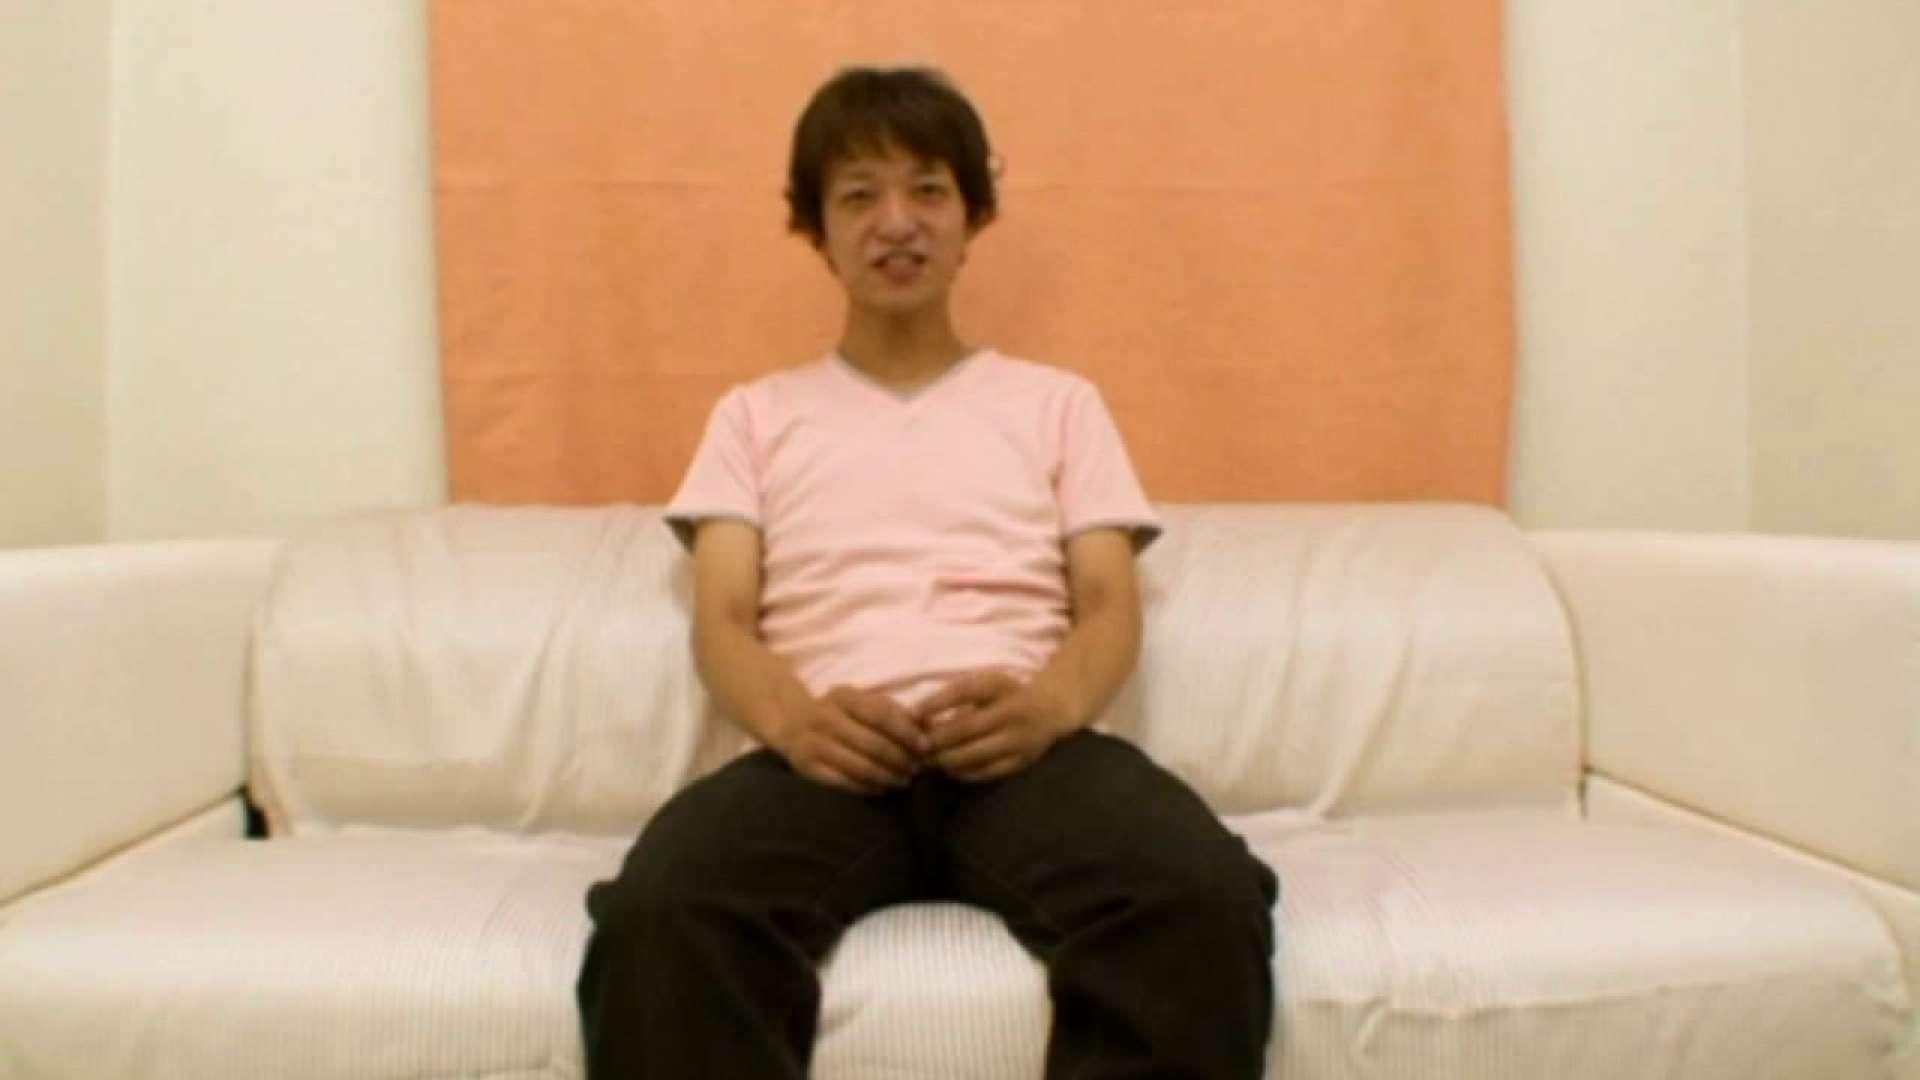 亜細亜のイケメンがイクっ!File.01 イケメンズ ケツマンスケベ画像 107枚 1